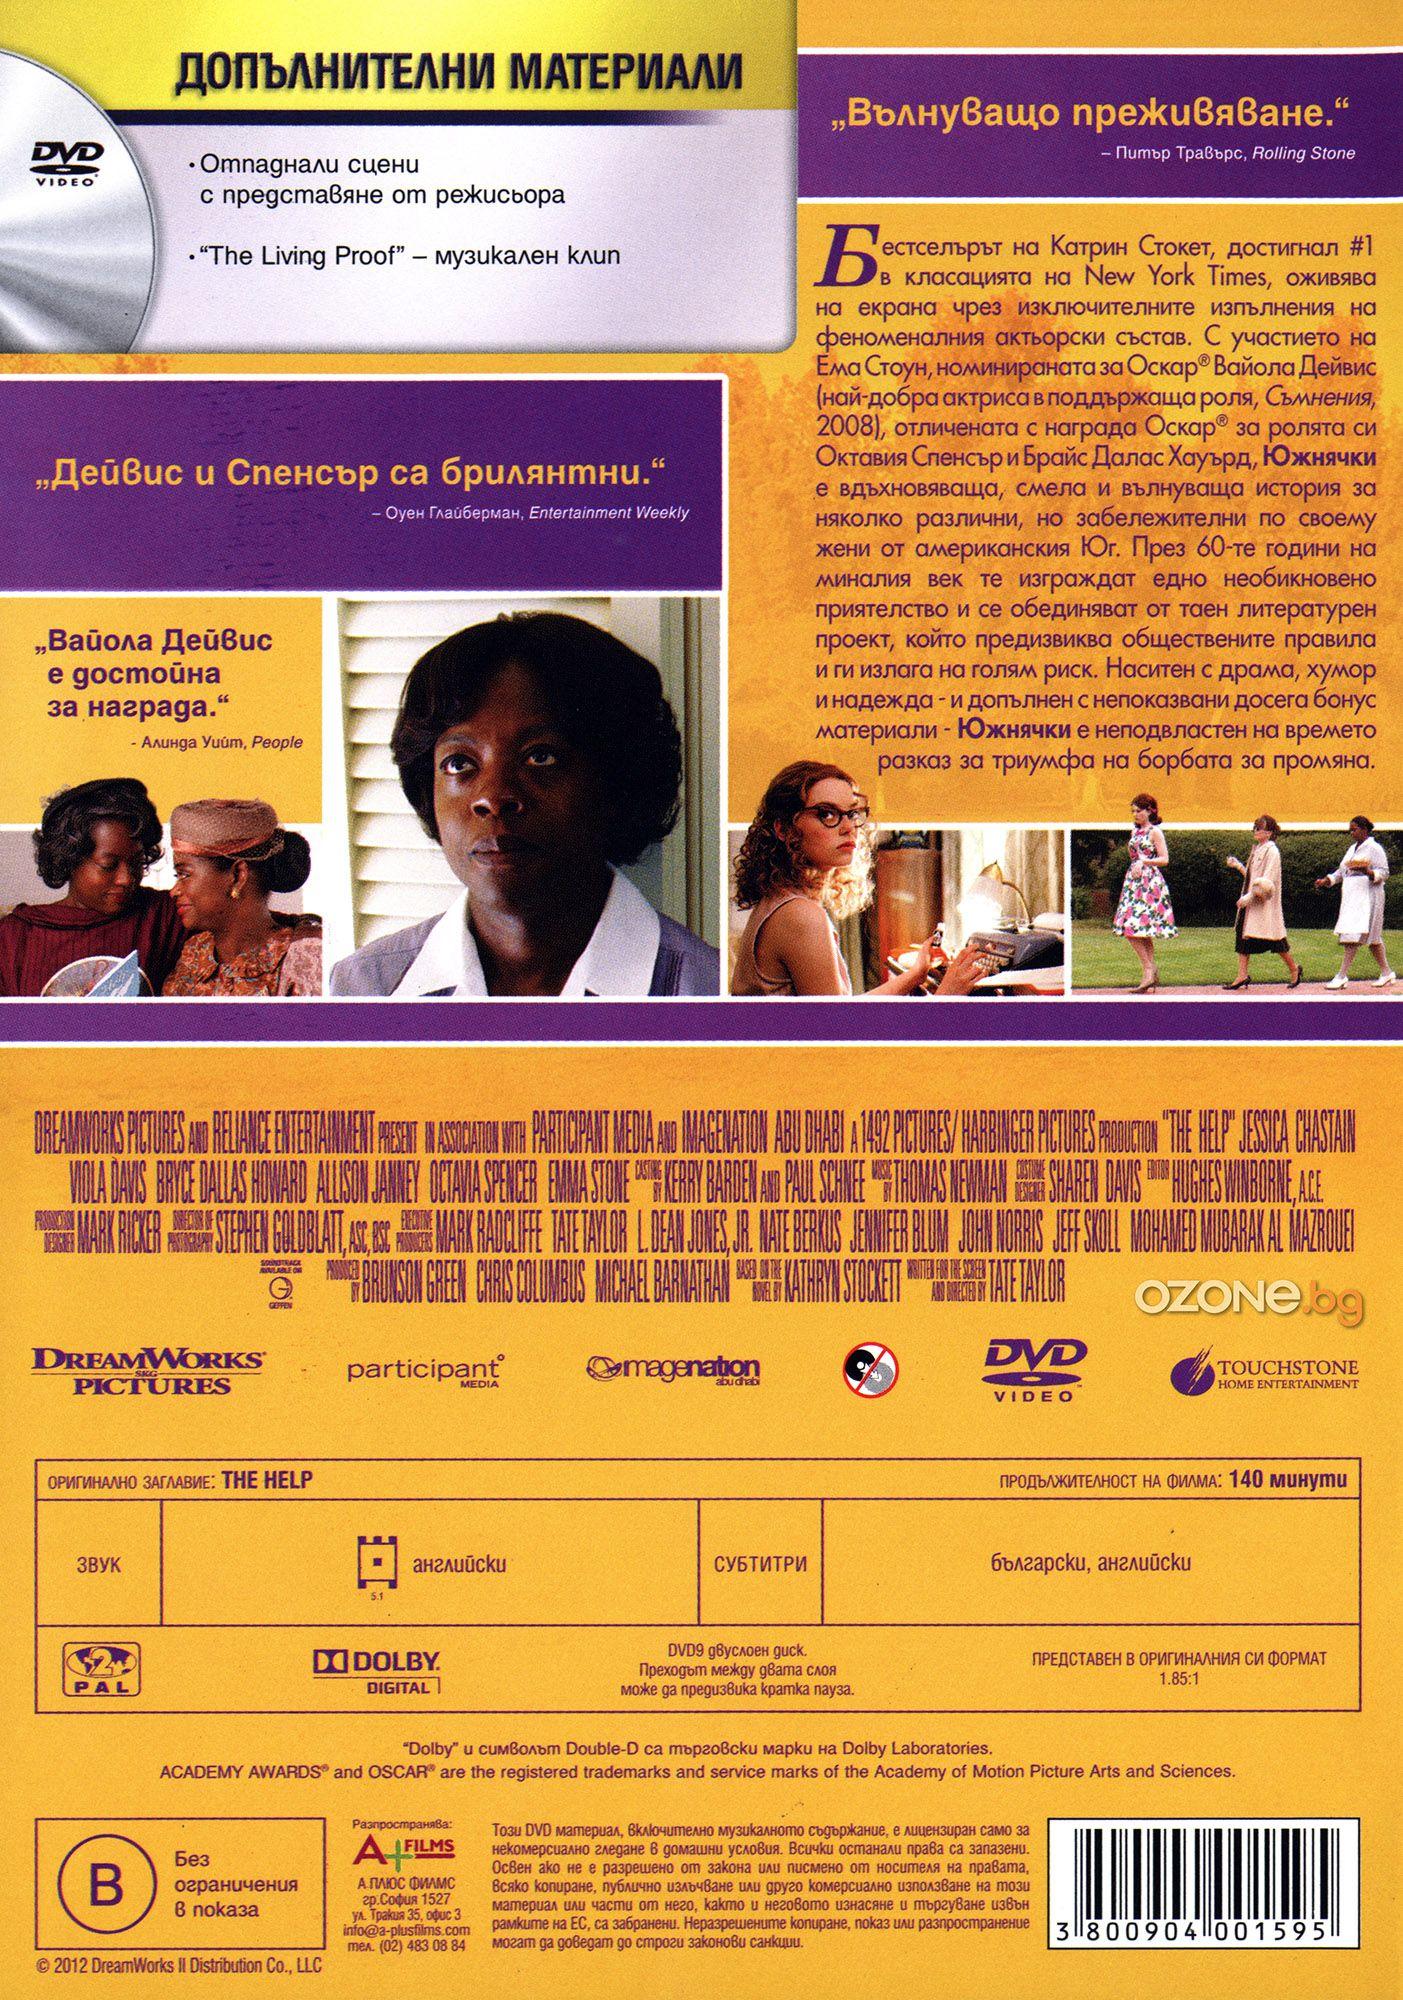 Южнячки (DVD) - 2